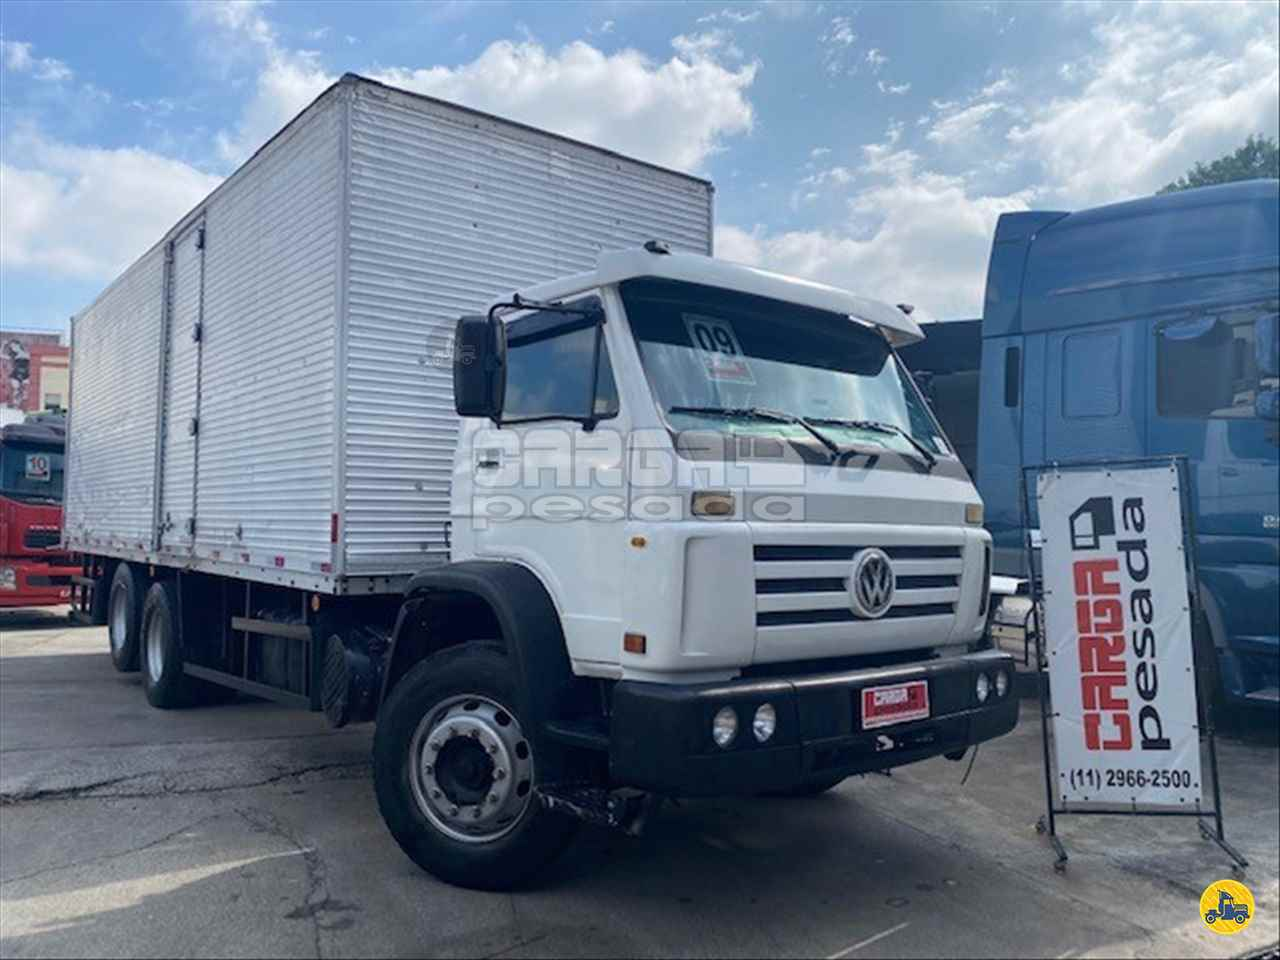 CAMINHAO VOLKSWAGEN VW 17250 Baú Furgão Truck 6x2 Carga Pesada Caminhões SAO PAULO SÃO PAULO SP